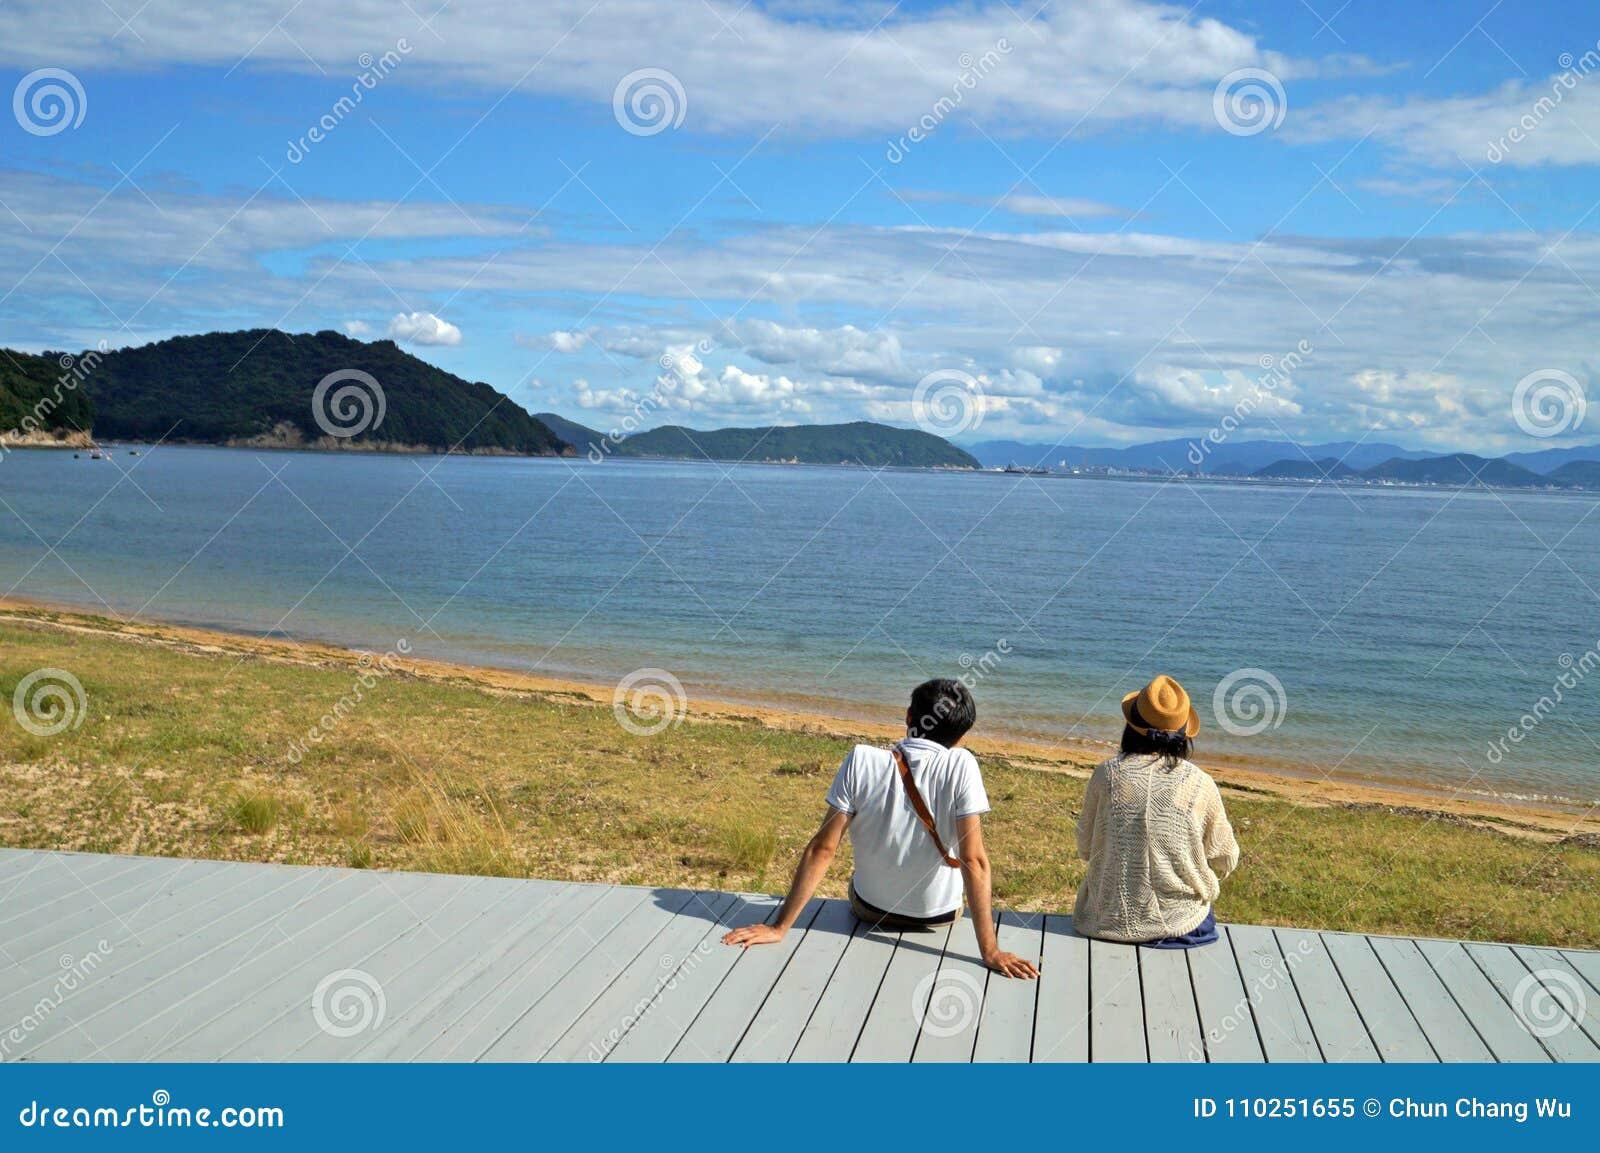 Una coppia si siede sulla piattaforma e gode della vista del mare